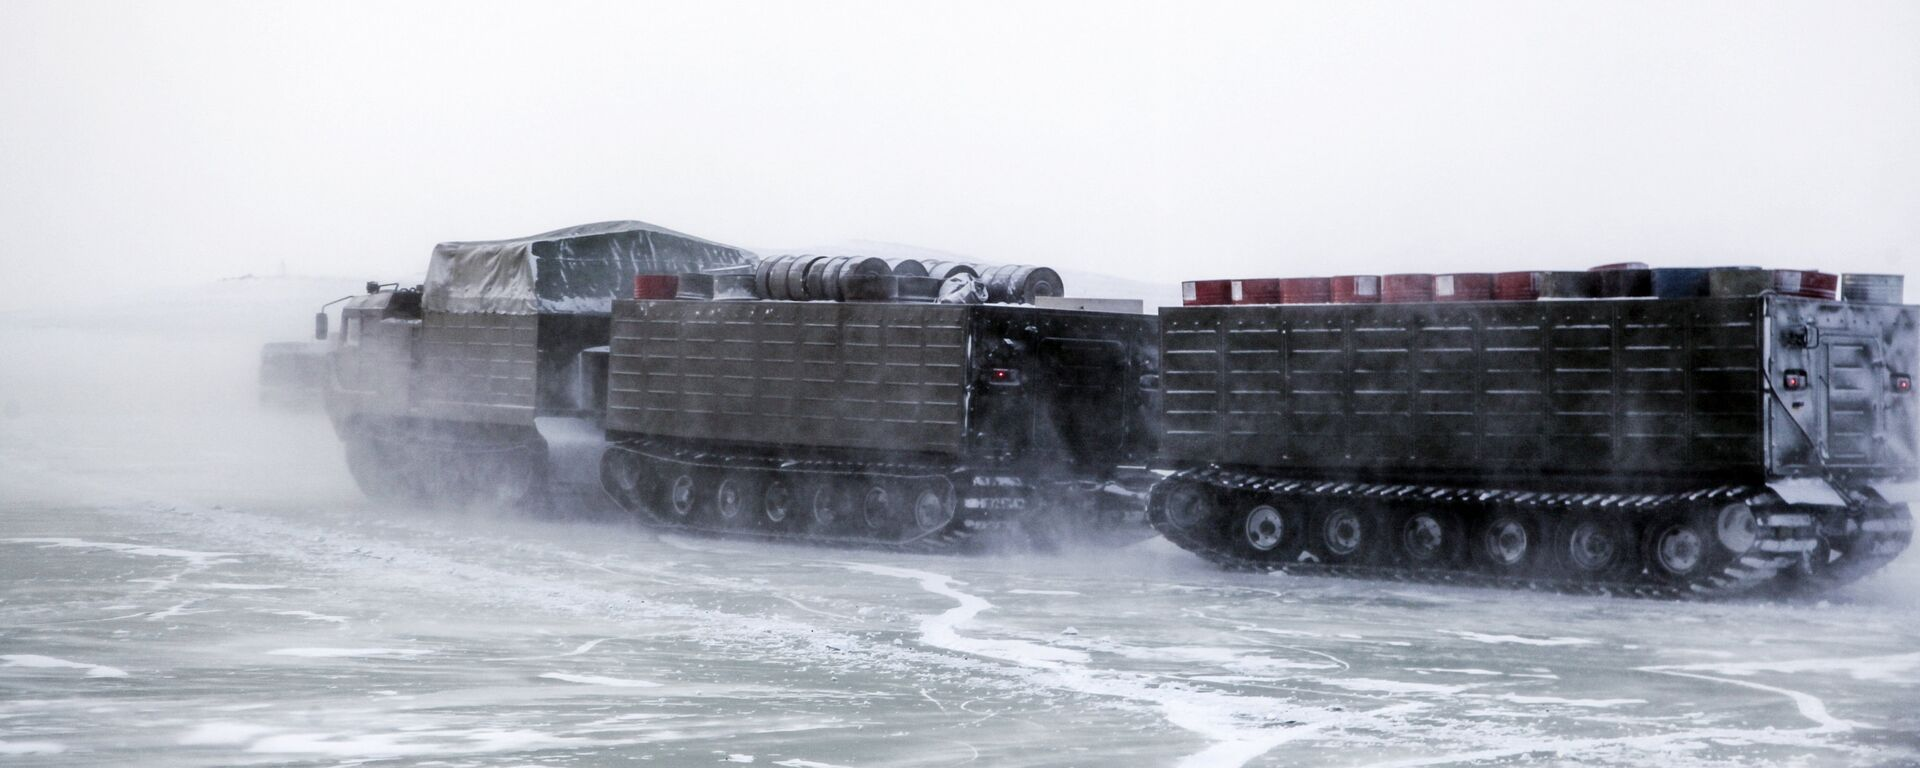 Las pruebas del nuevo armamento moderno y la maquinaria bélica rusos en el Ártico - Sputnik Mundo, 1920, 06.04.2021